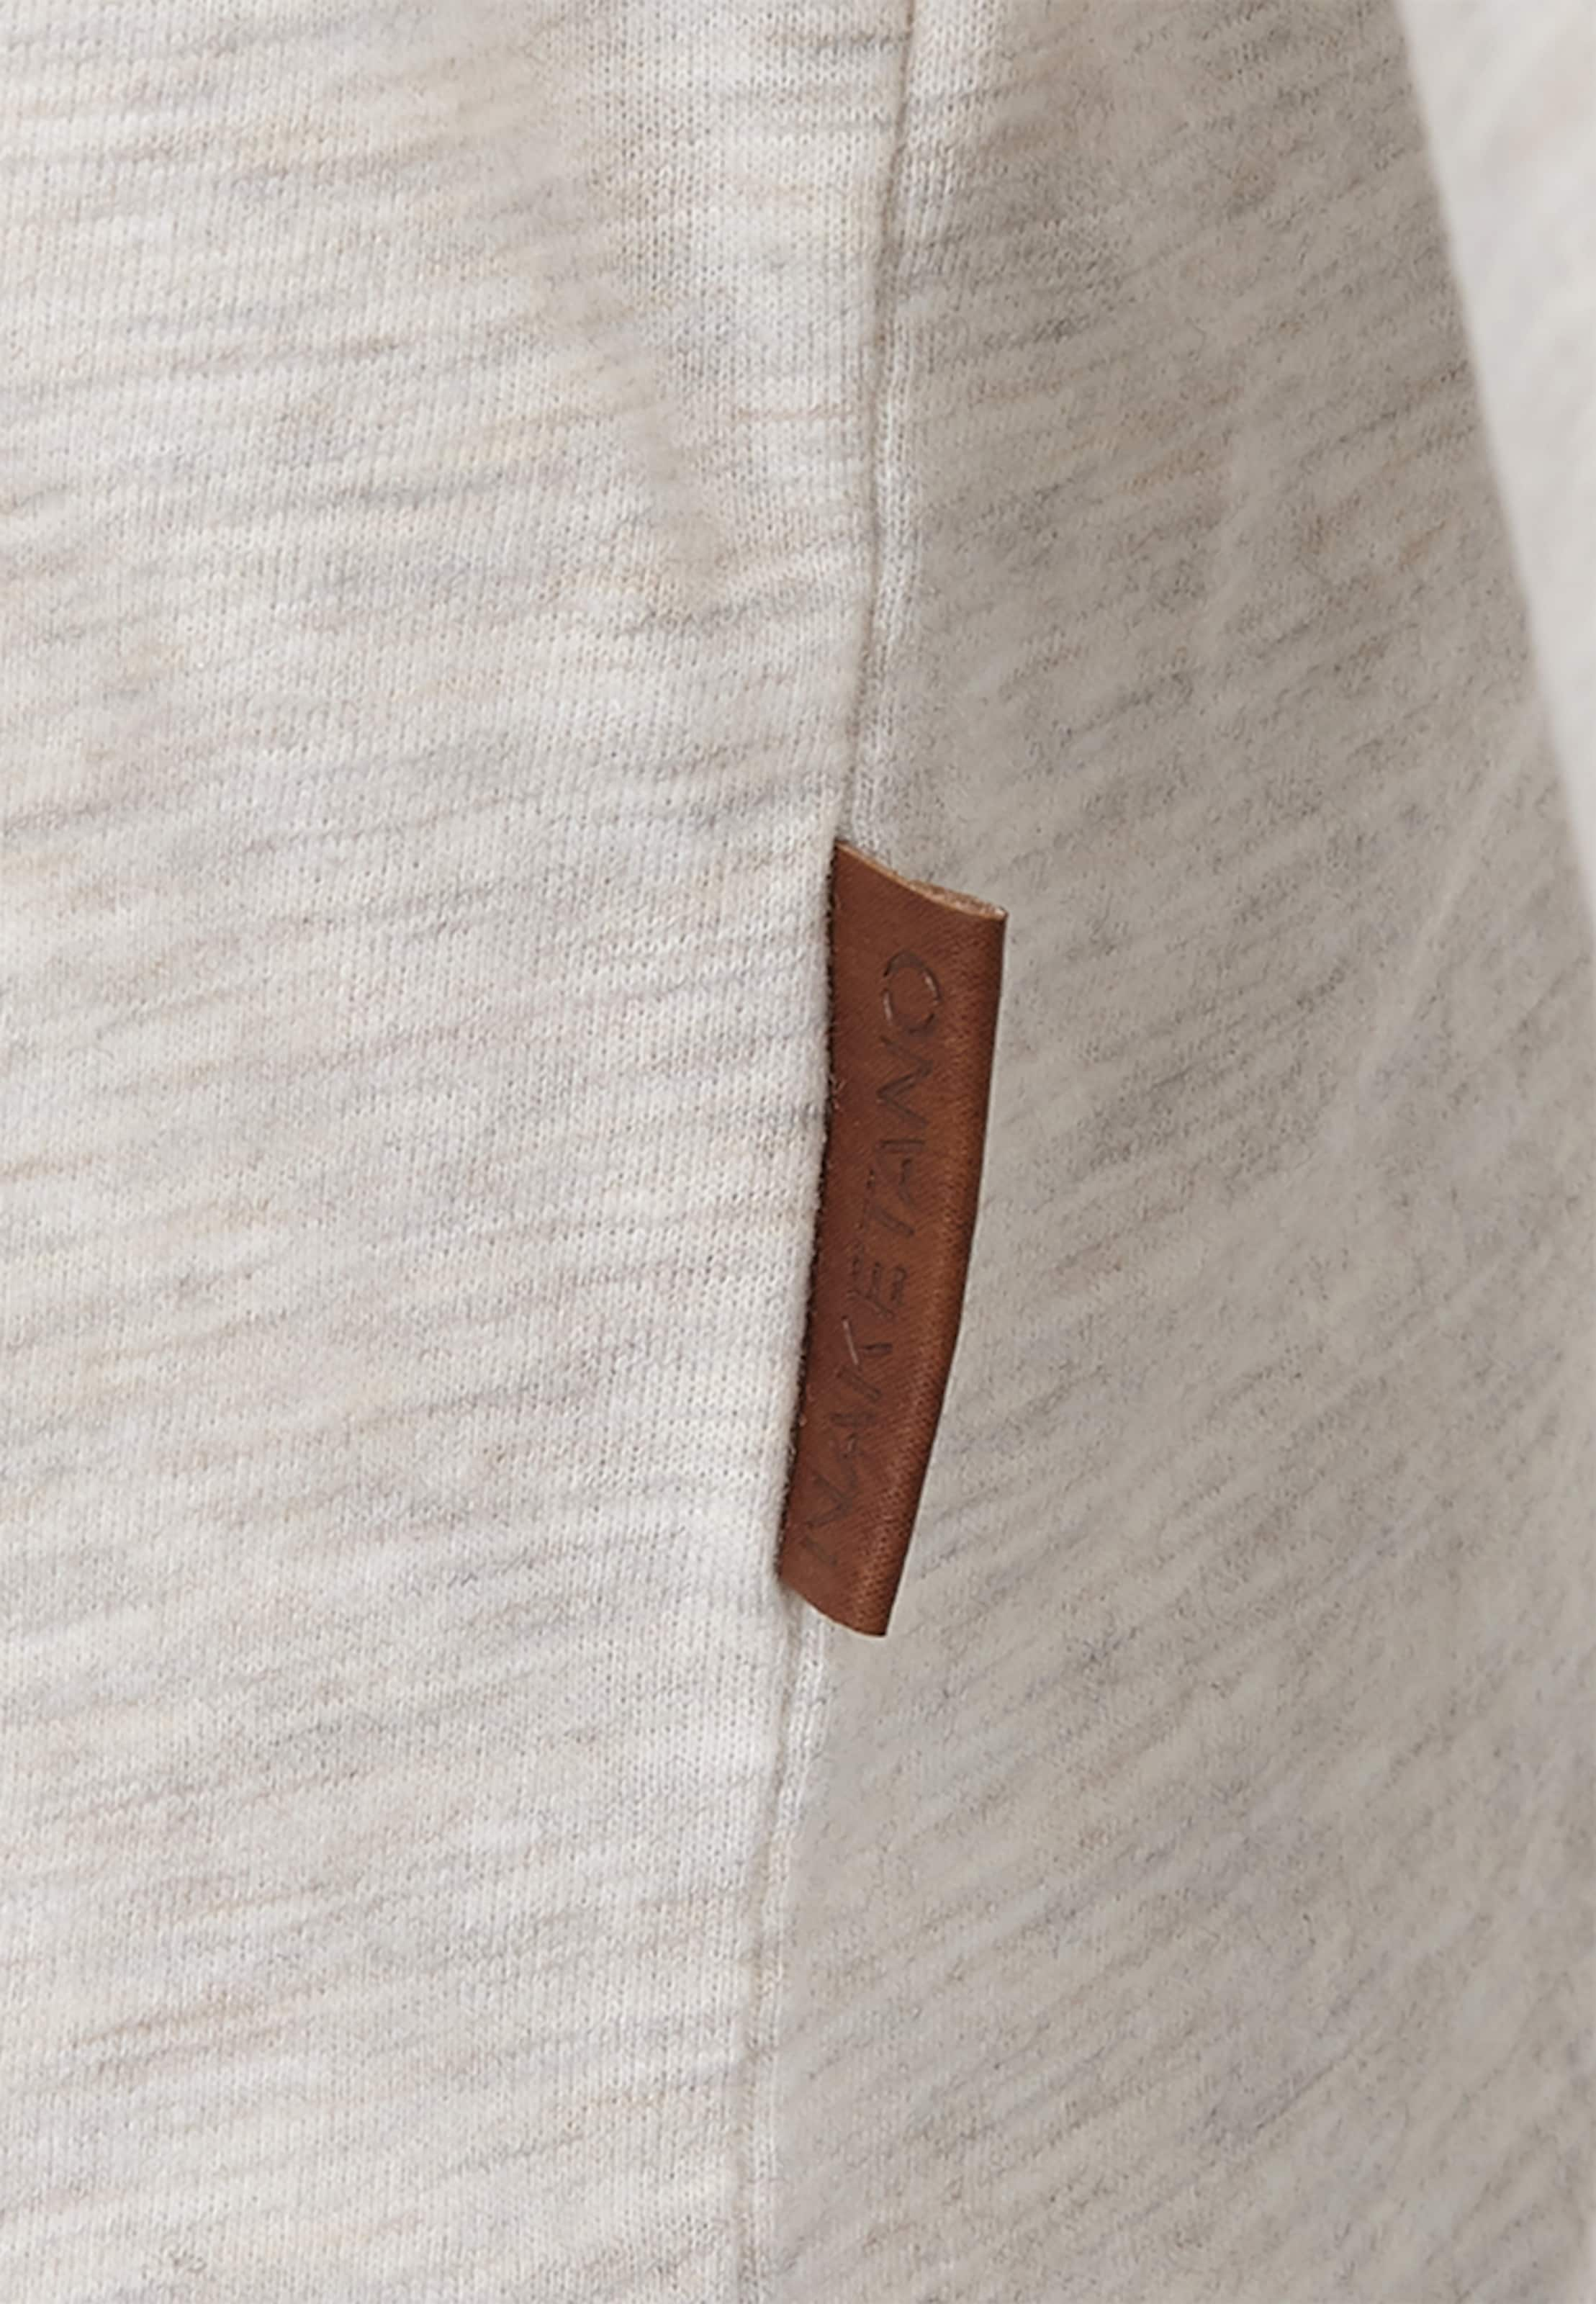 Neu Outlet Rabatte naketano Langarmshirt 'Italienischer Hengst Langen' Zum Verkauf Zum Verkauf Freies Verschiffen Shop Freies Verschiffen Exklusiv lVP7FZi